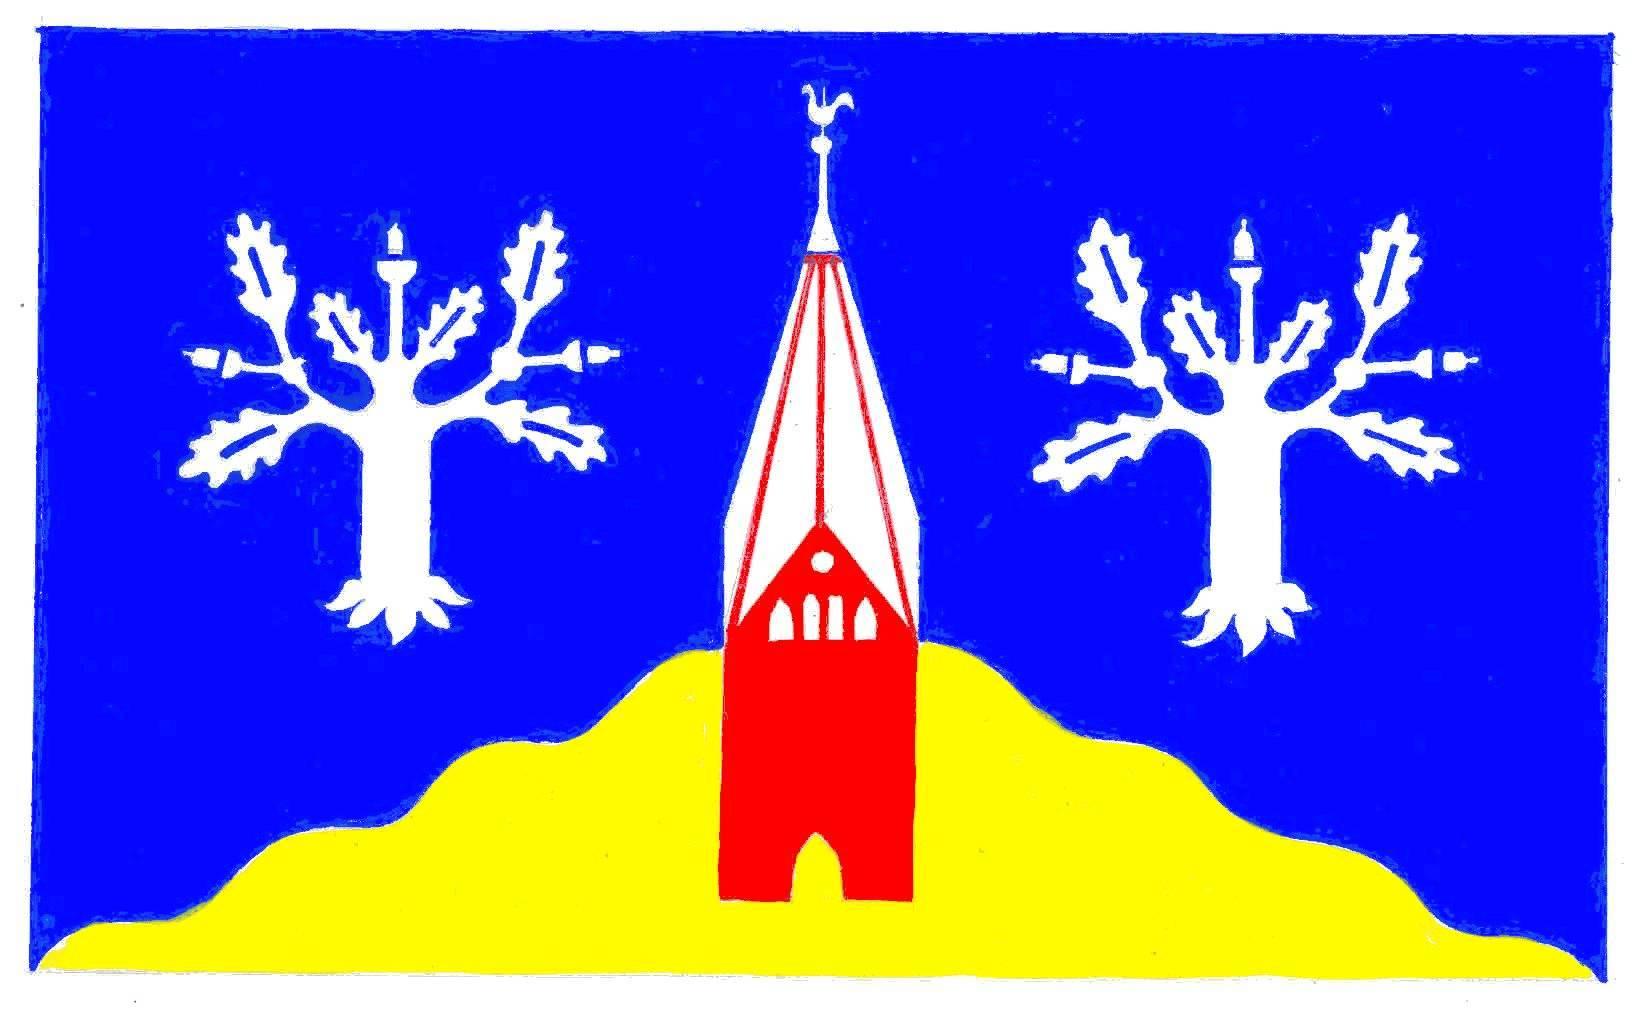 Flagge GemeindeGettorf, Kreis Rendsburg-Eckernförde